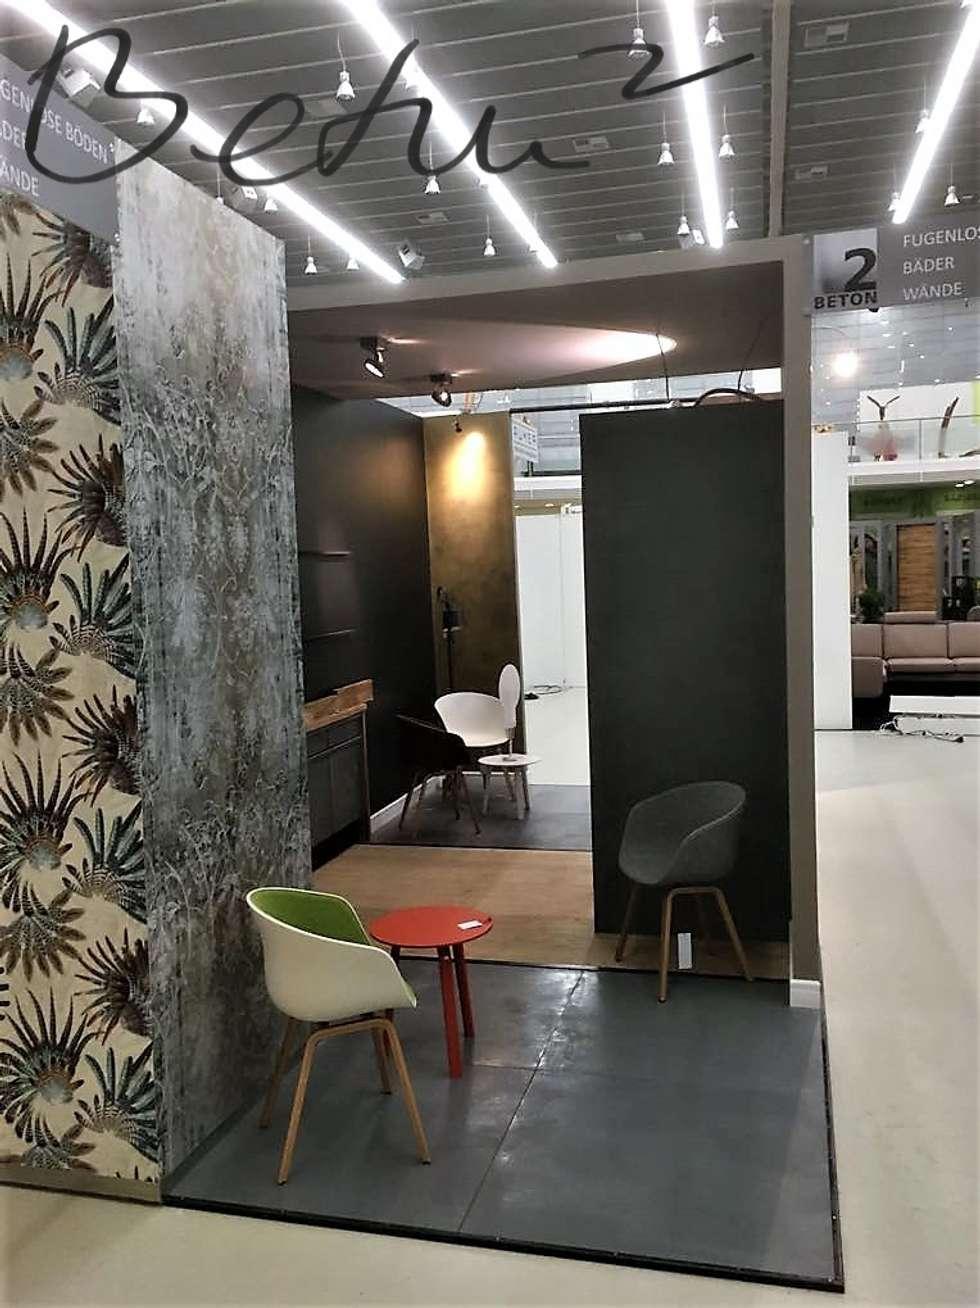 Beeindruckend Moderne Wände Sammlung Von Betonoptik Wände: Arbeitszimmer Von Beton2